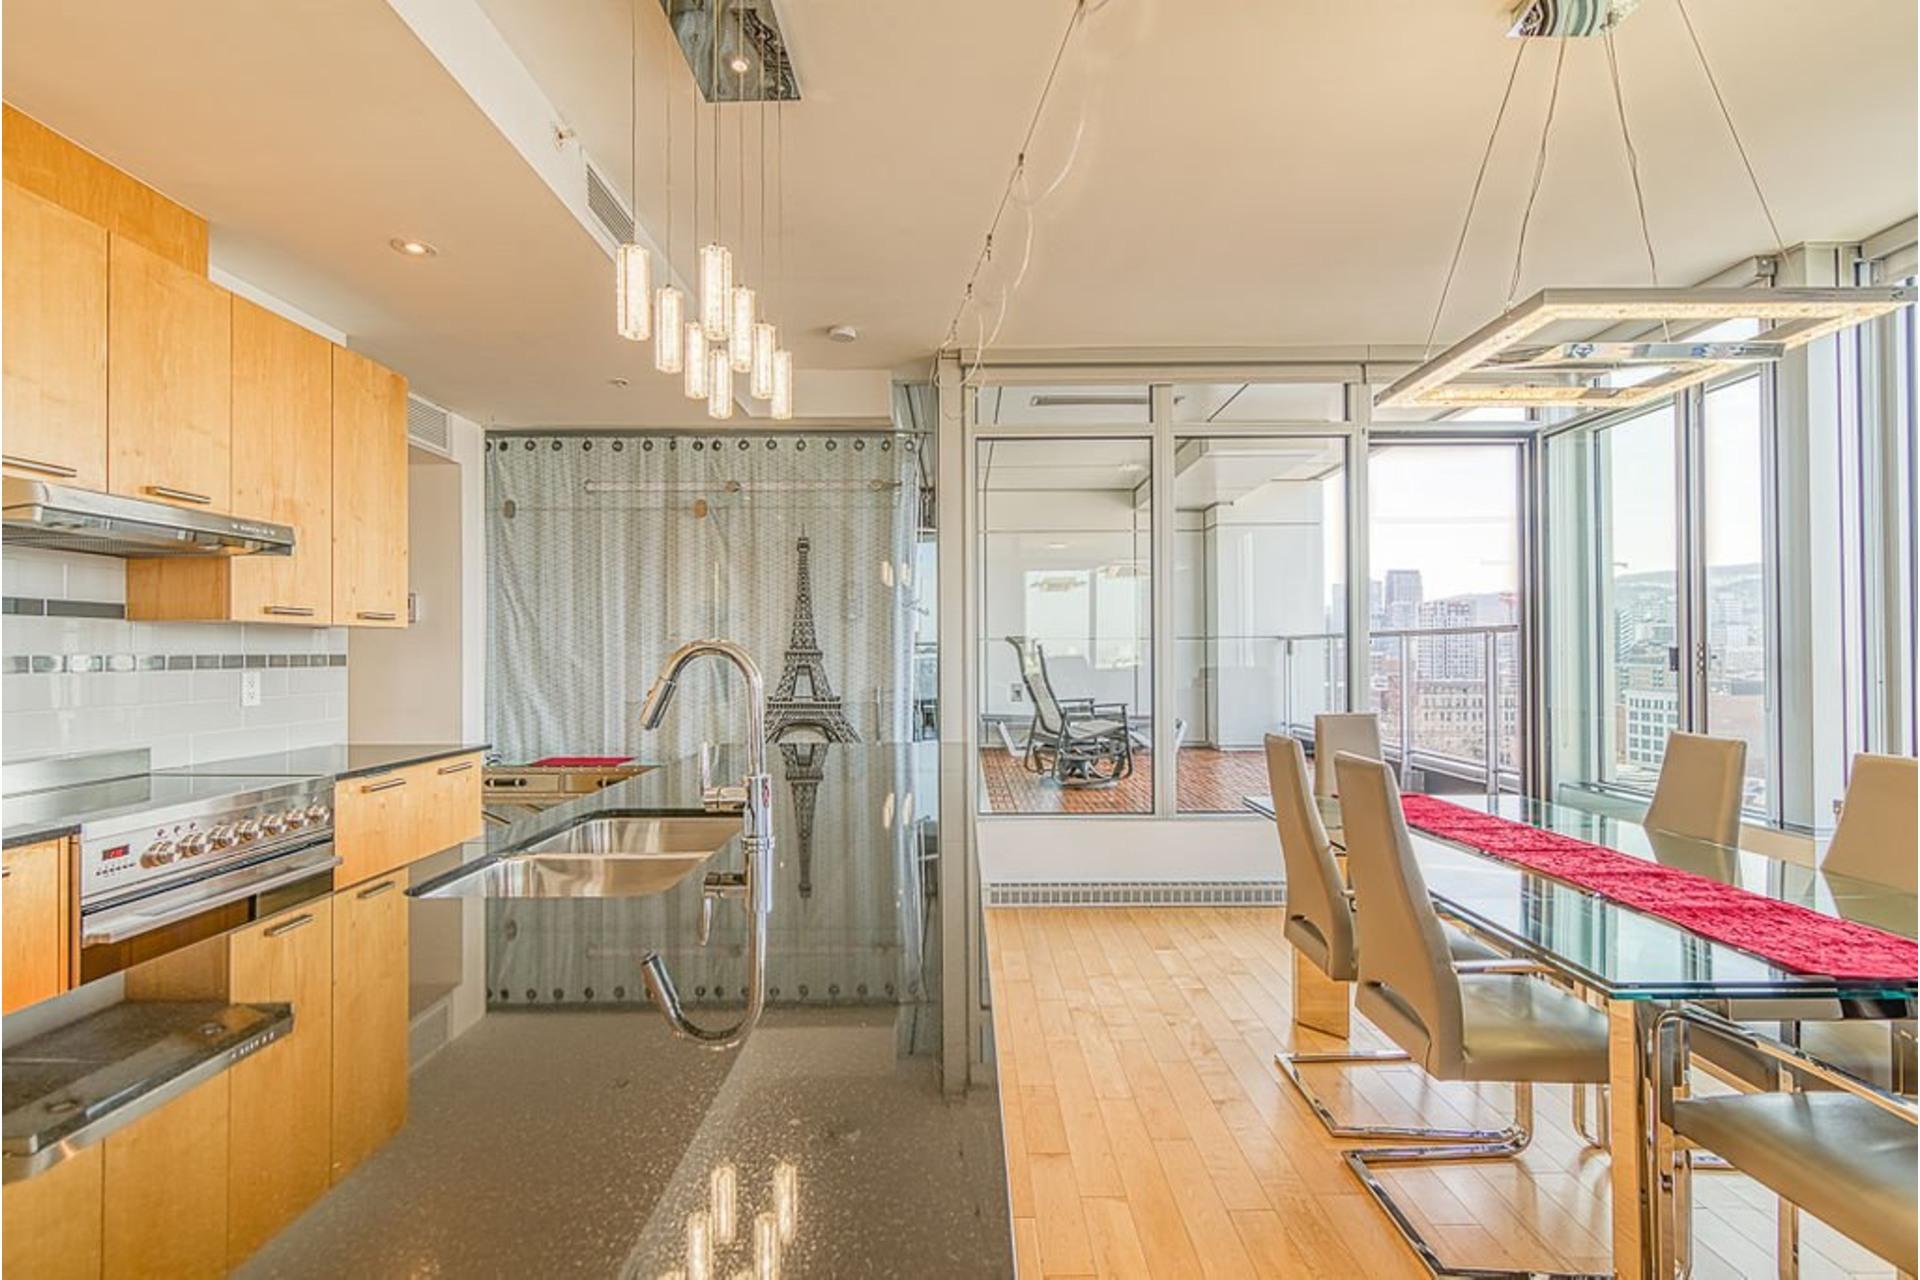 image 2 - Appartement À vendre Ville-Marie Montréal  - 7 pièces